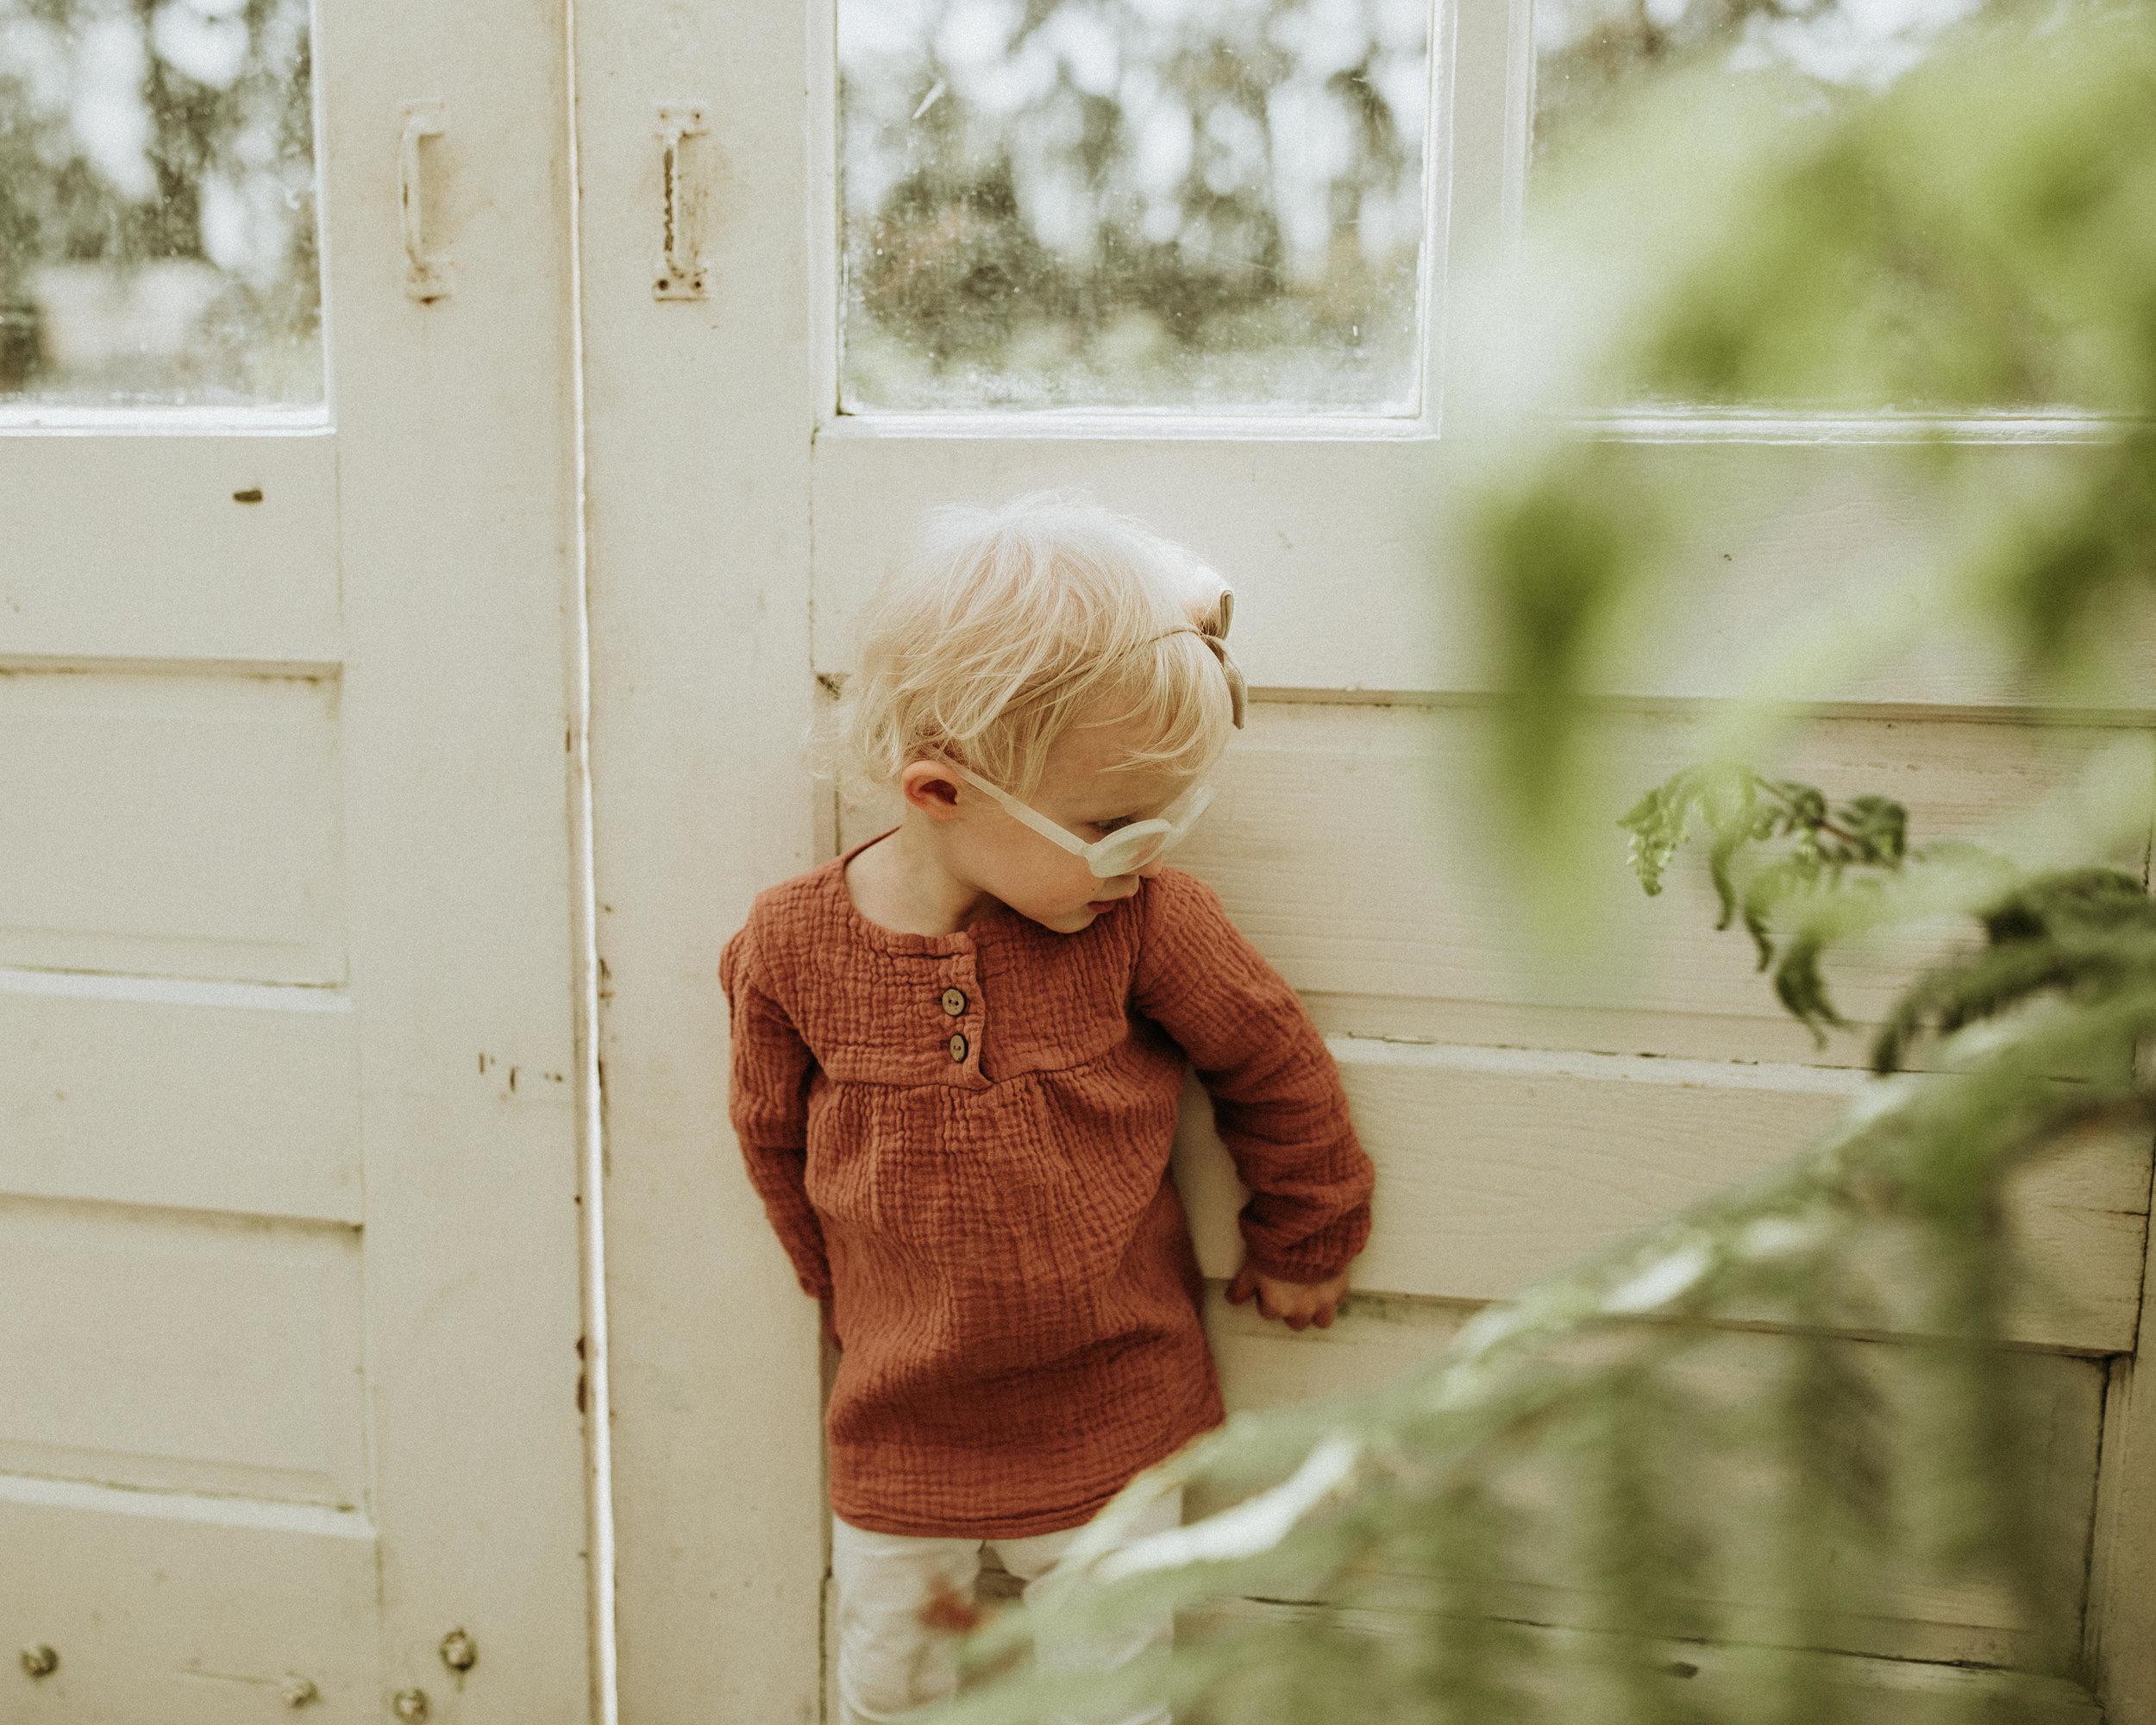 Family-Photographer-Bellingham-WA-Brianne-Bell-Photograpy-(Bennett)-47.jpg